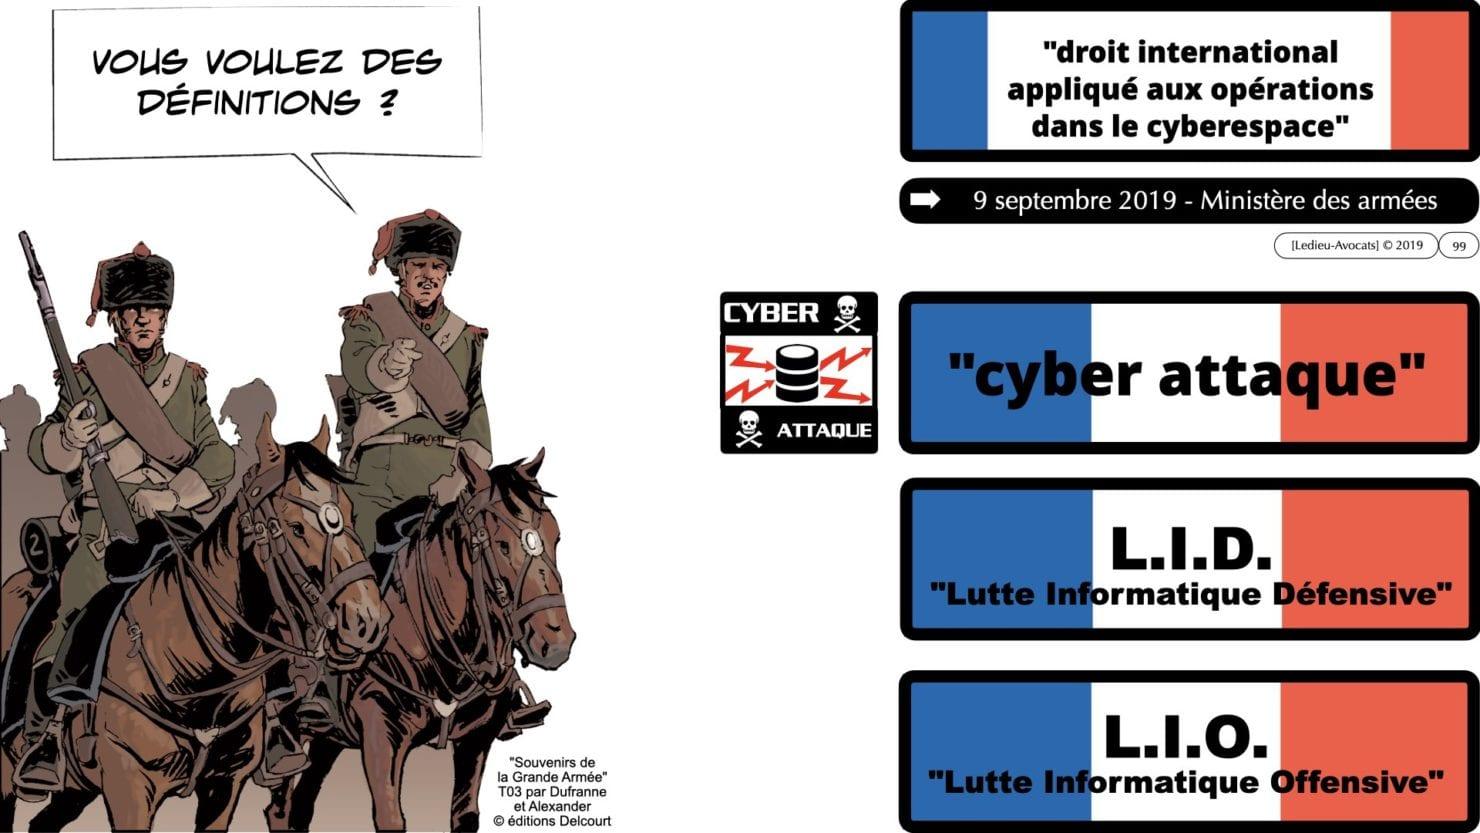 333 CYBER ATTAQUE responsabilité pénale civile contrat © Ledieu-Avocats 23-05-2021.099